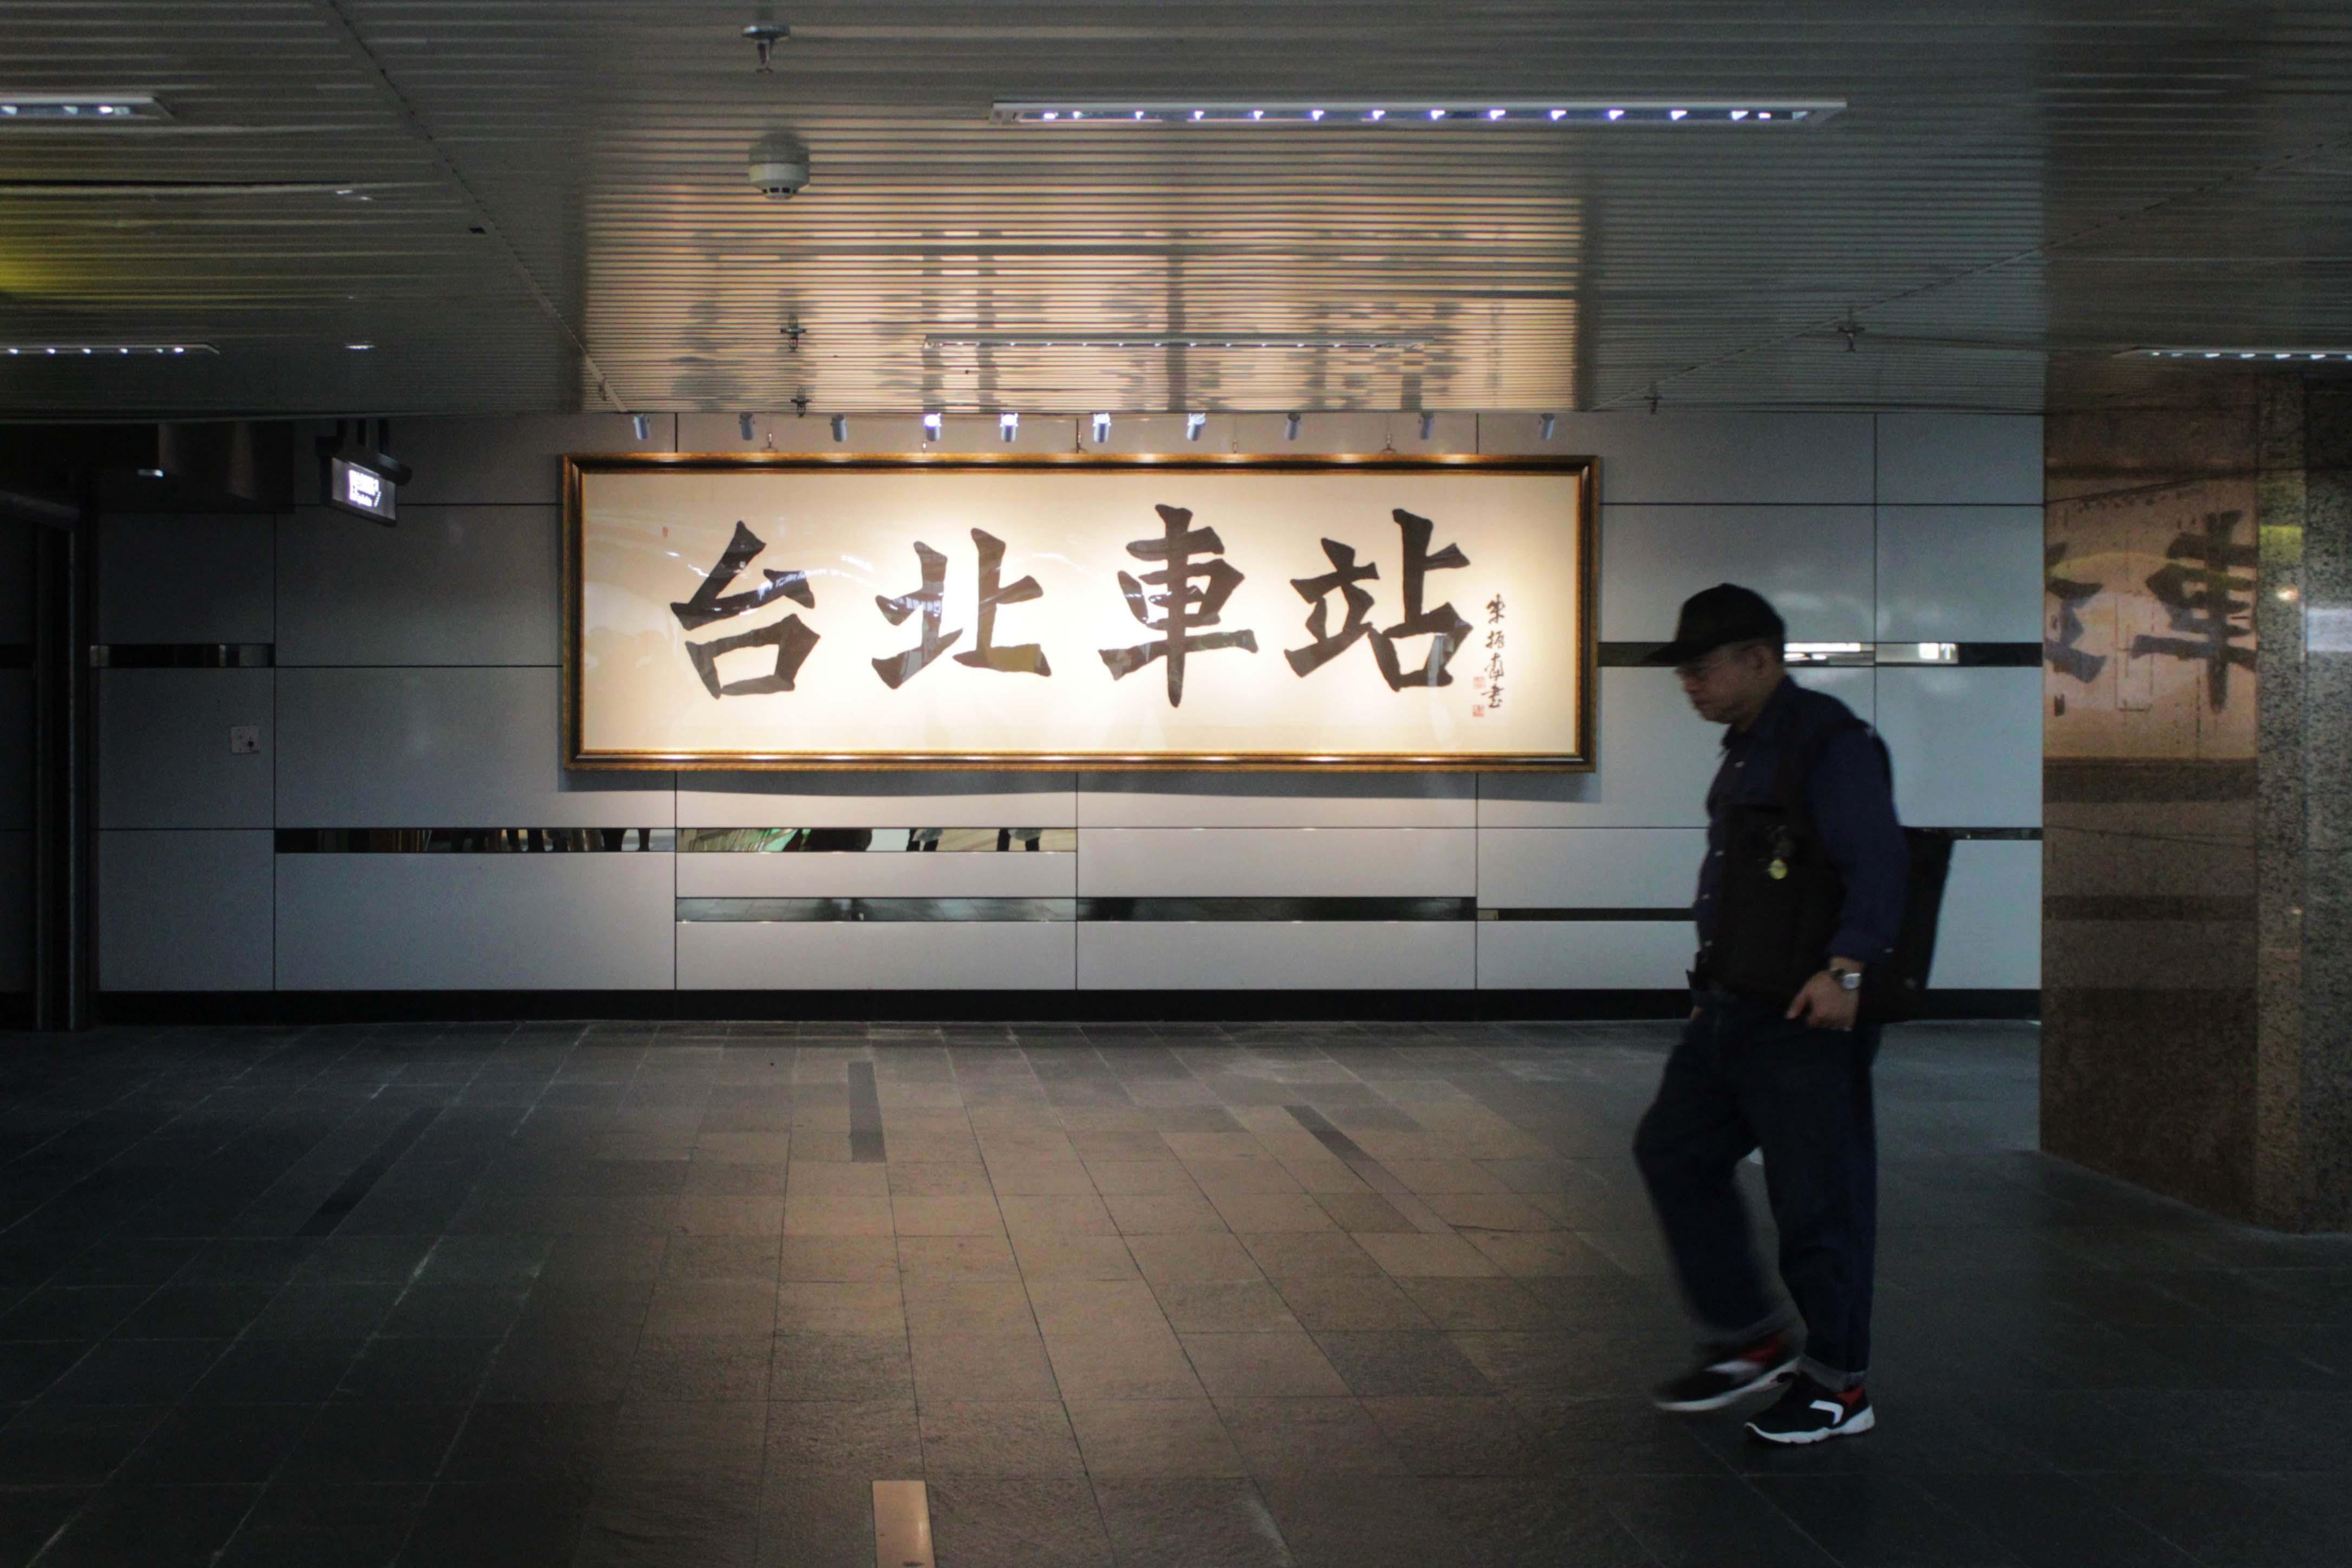 【2021 台北車站交通攻略】 破解全台最大迷宮!台北人也不知道的台北車站 6 個小知識